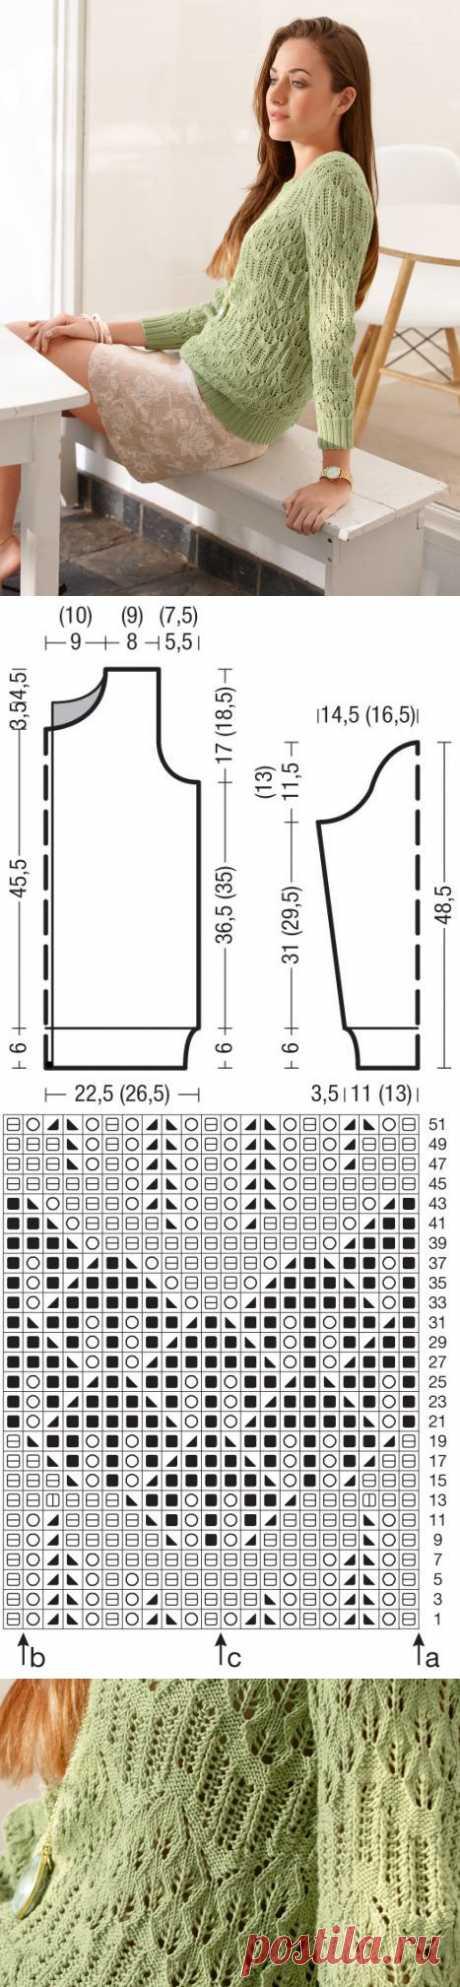 Пуловер со структурным узором / BurdaStyle: мастер-классы